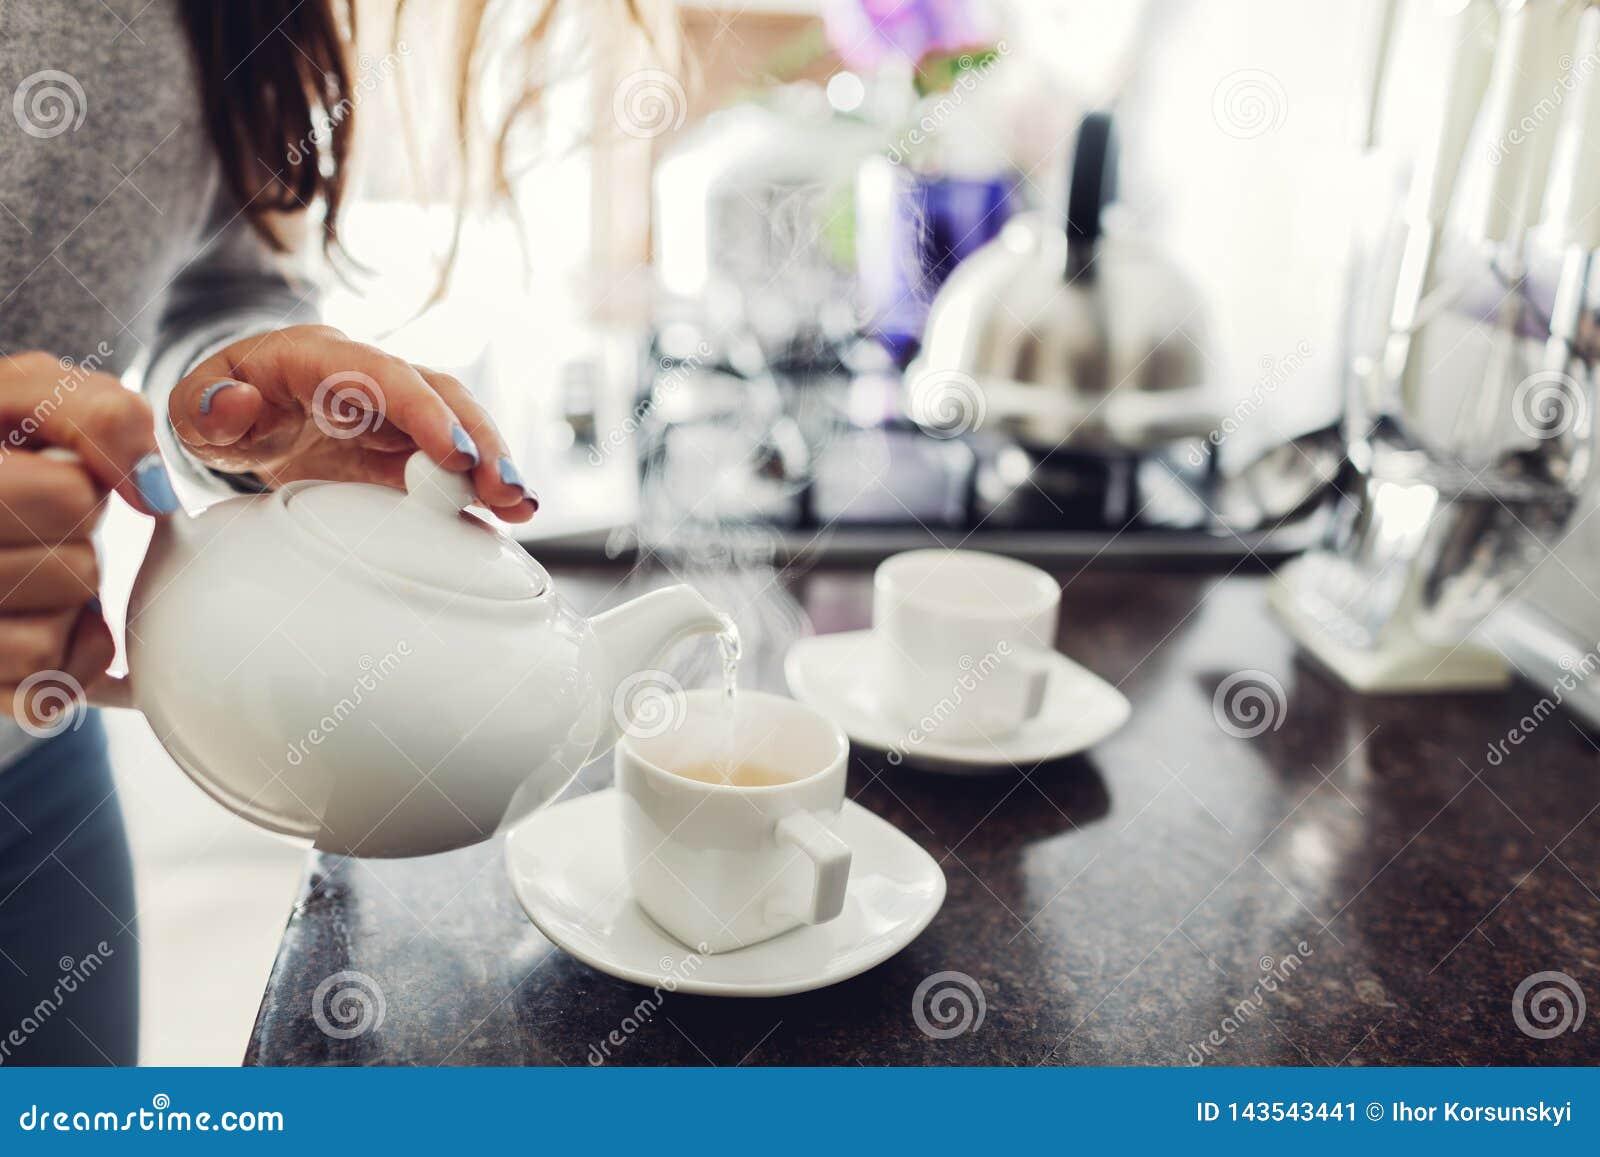 Chá de derramamento da mulher no copo cerâmico na tabela